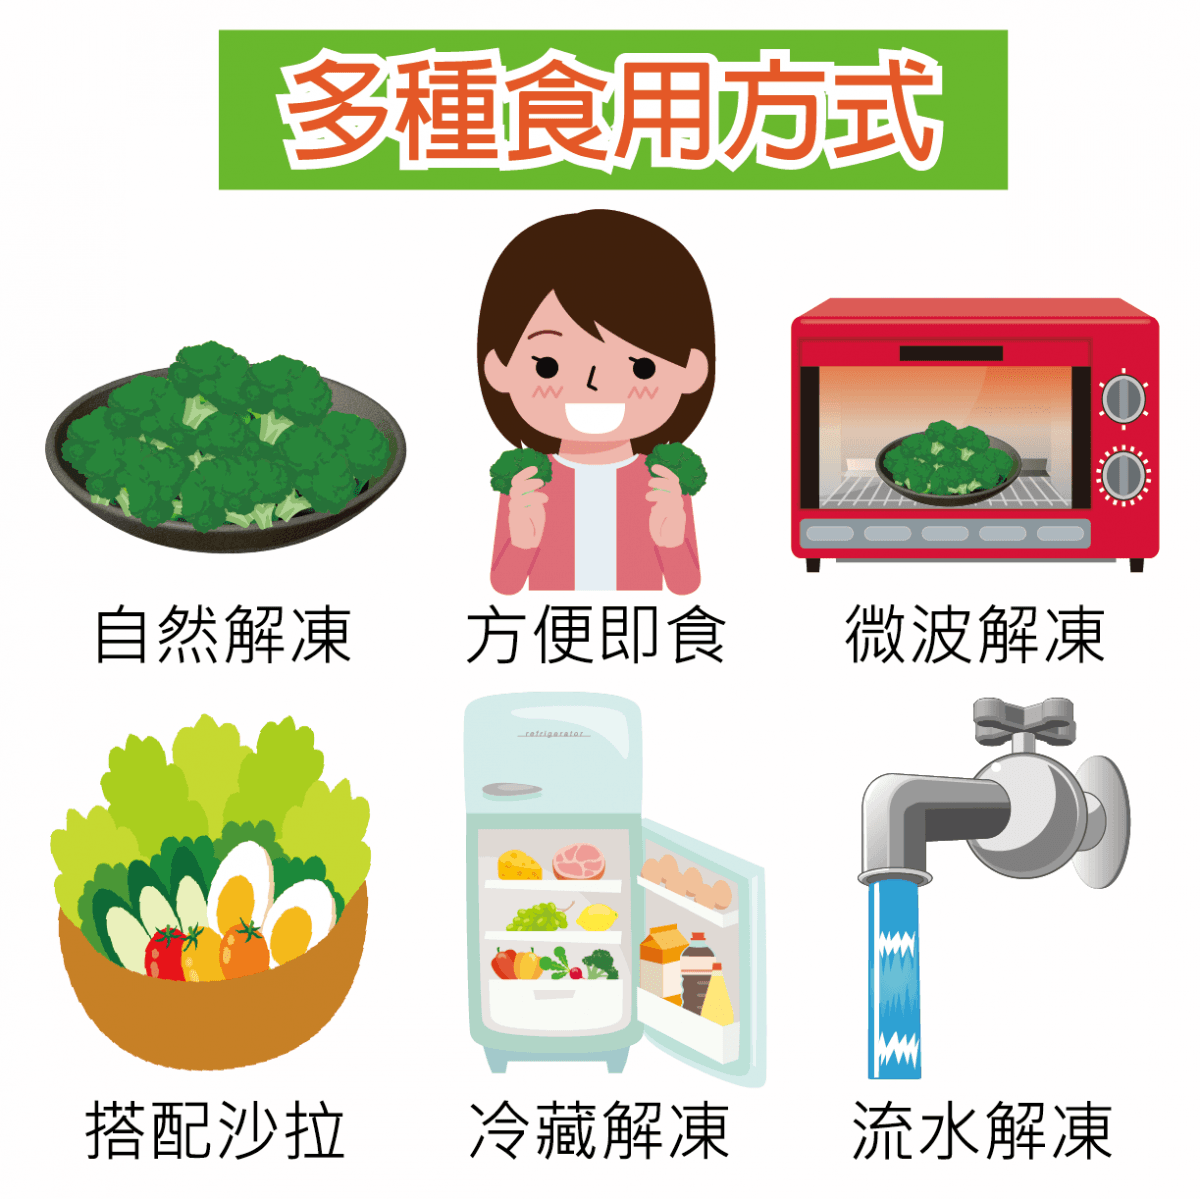 【田食原】鮮凍青花菜1KG 綠花椰菜 冷凍蔬菜 健康減醣 健身餐 養生團購美食 好吃方便 低熱量 3